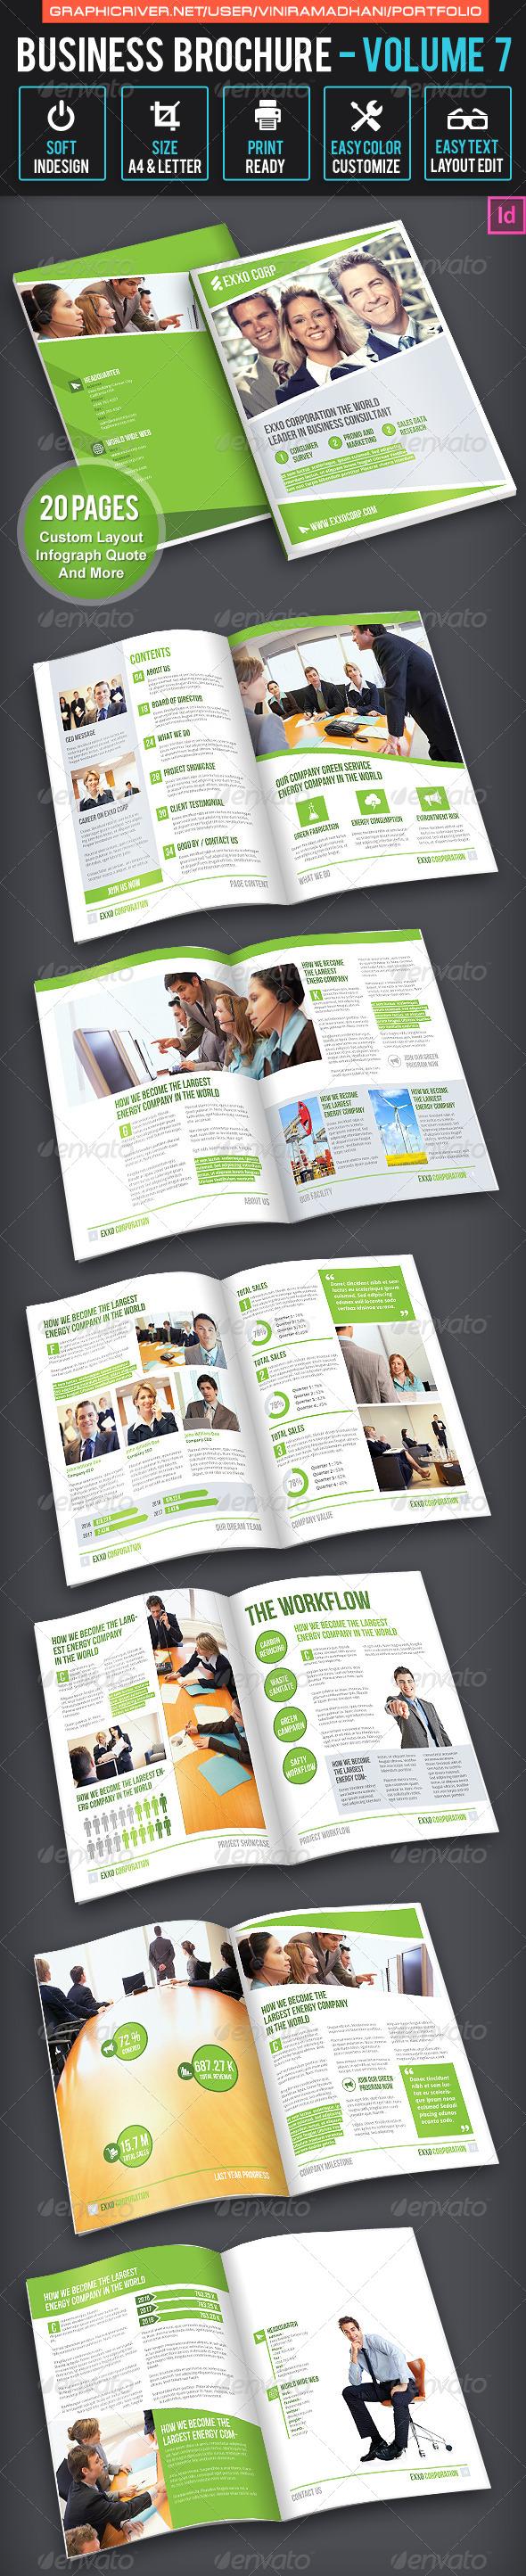 Business Brochure   Volume 7 - Corporate Brochures